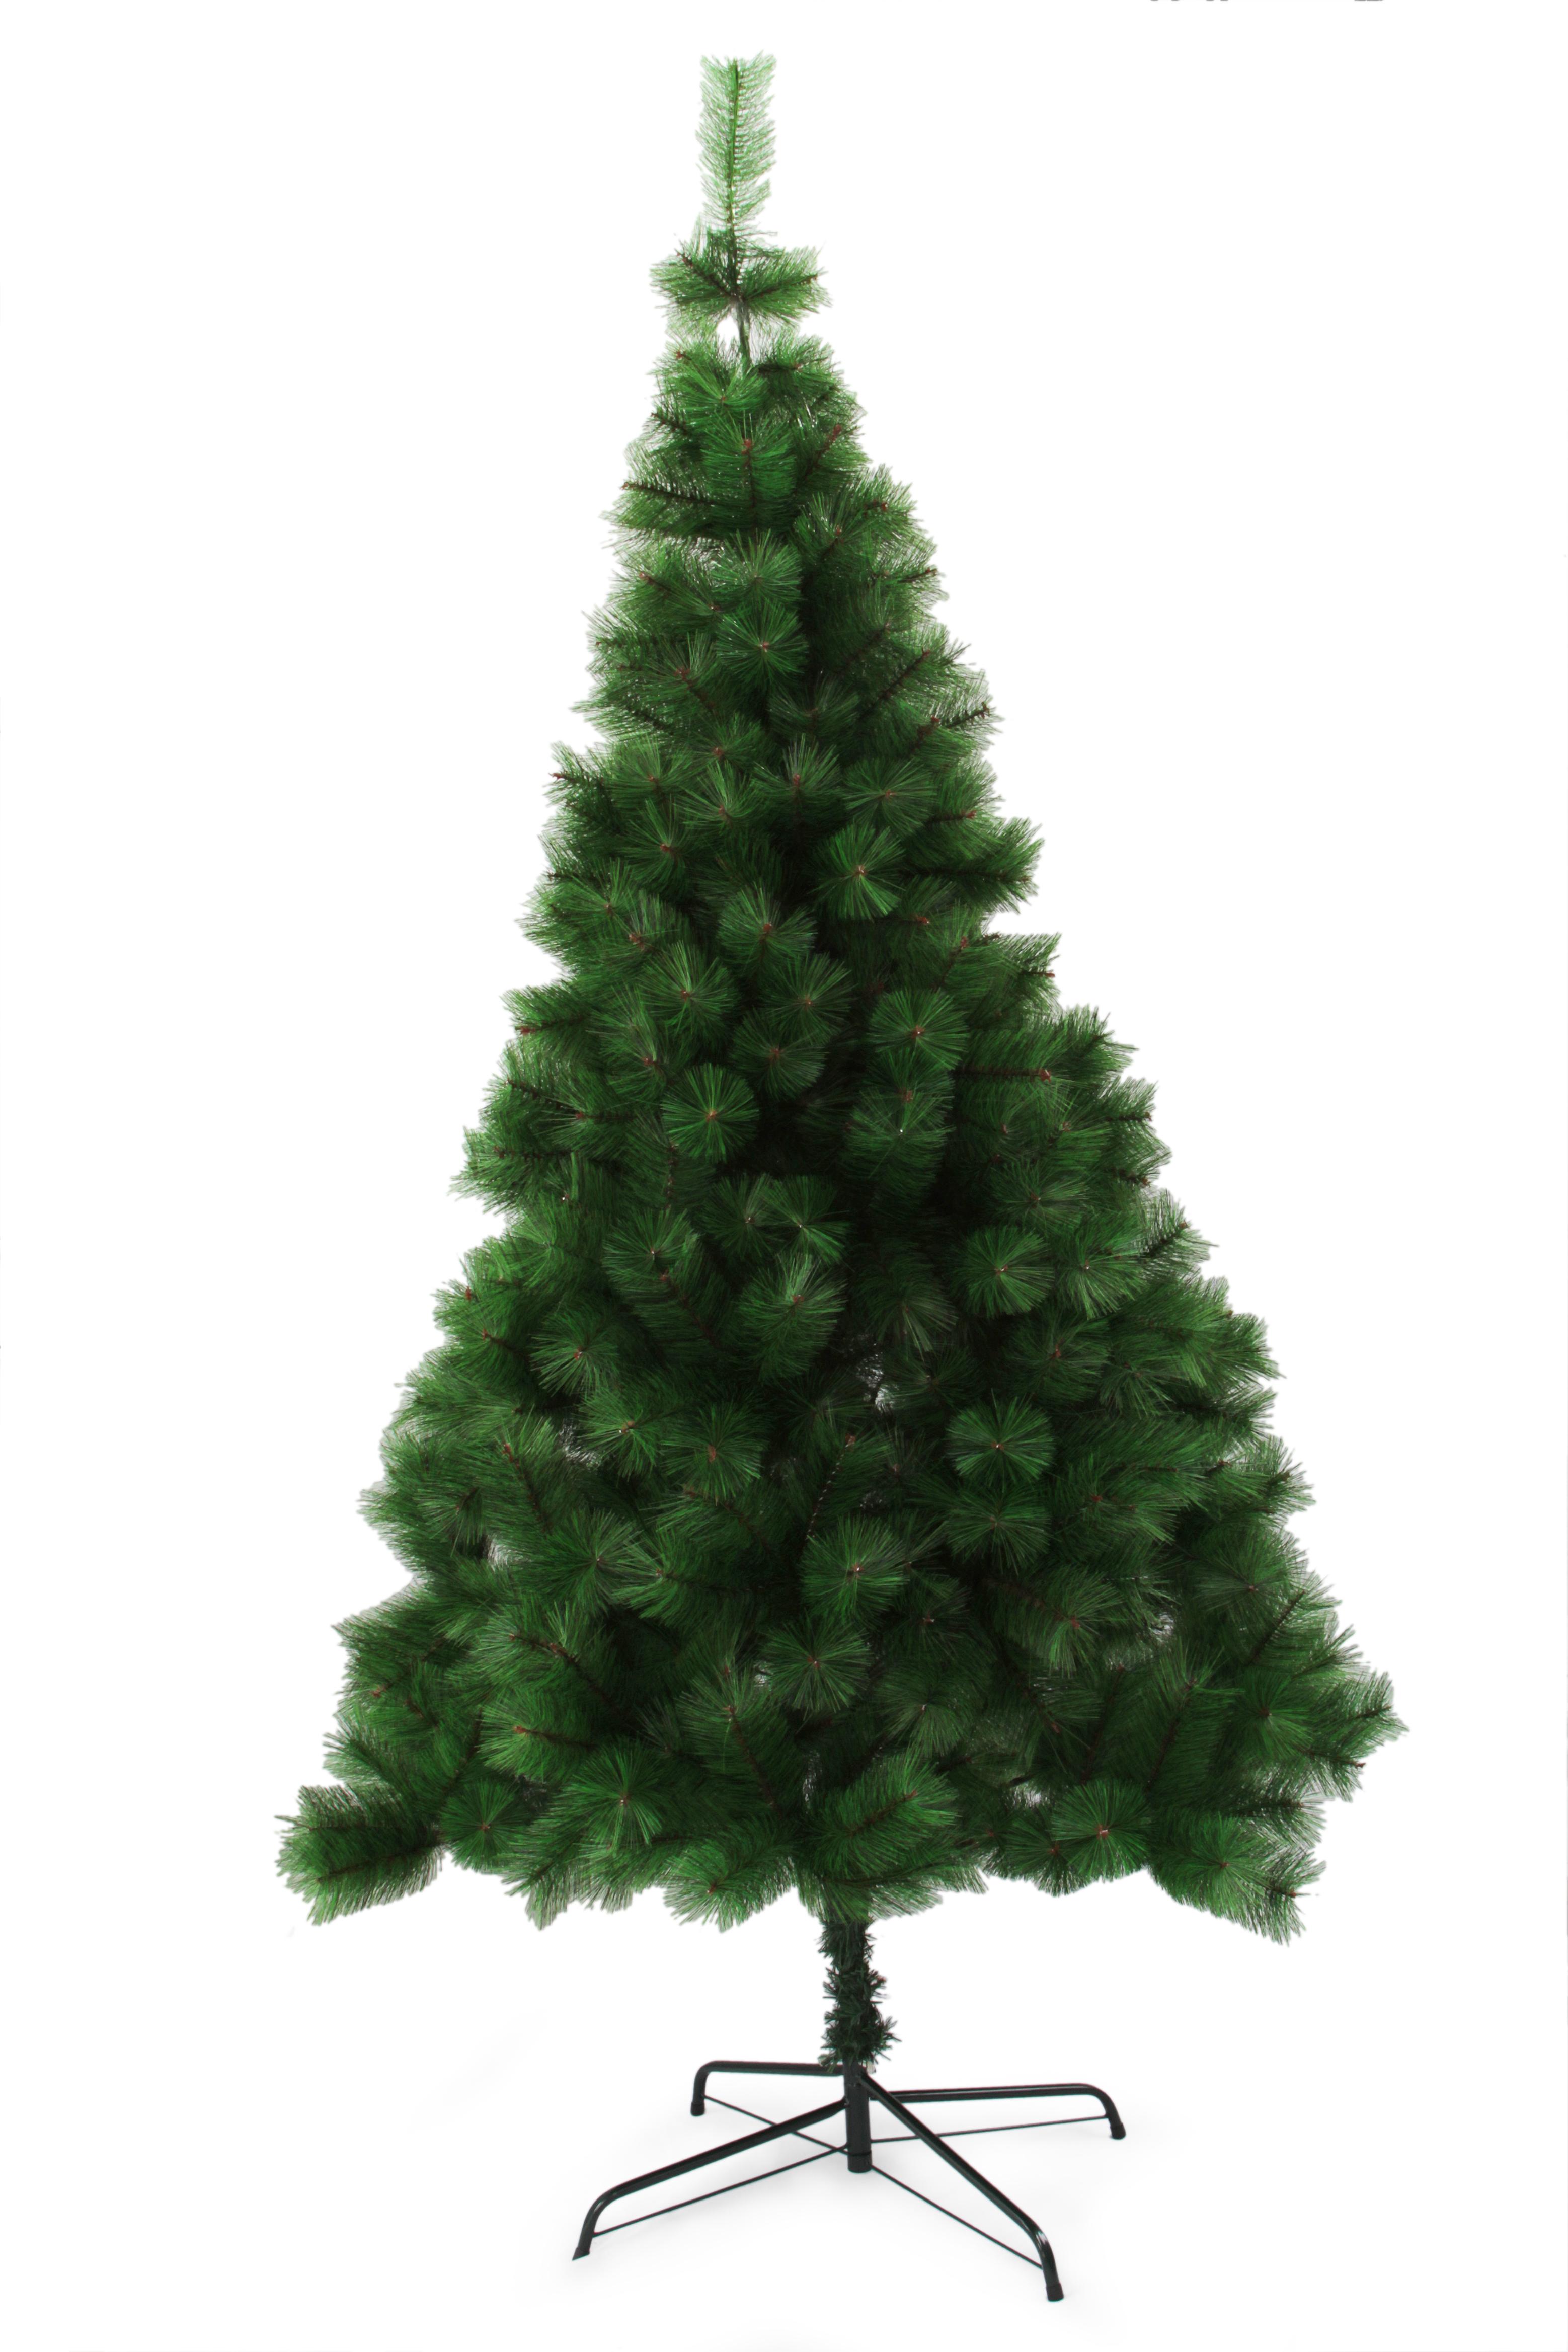 180 cm Vánoční stromek se stojanem, ZELENÁ BOROVICE